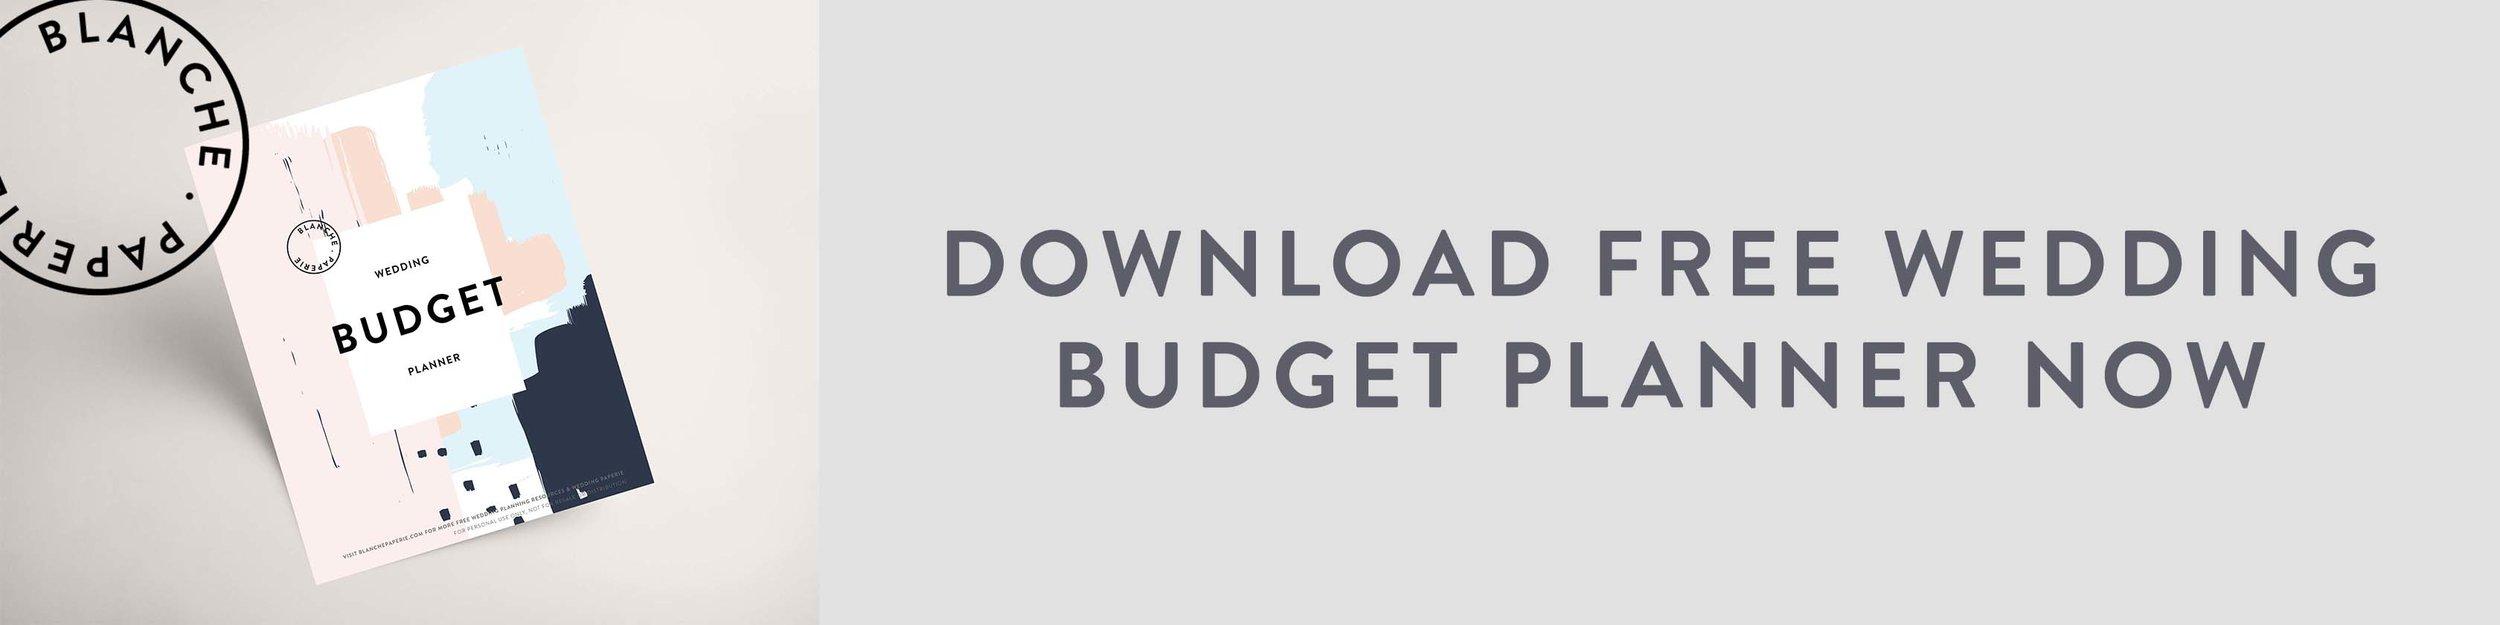 wedding budget planner banner.jpg